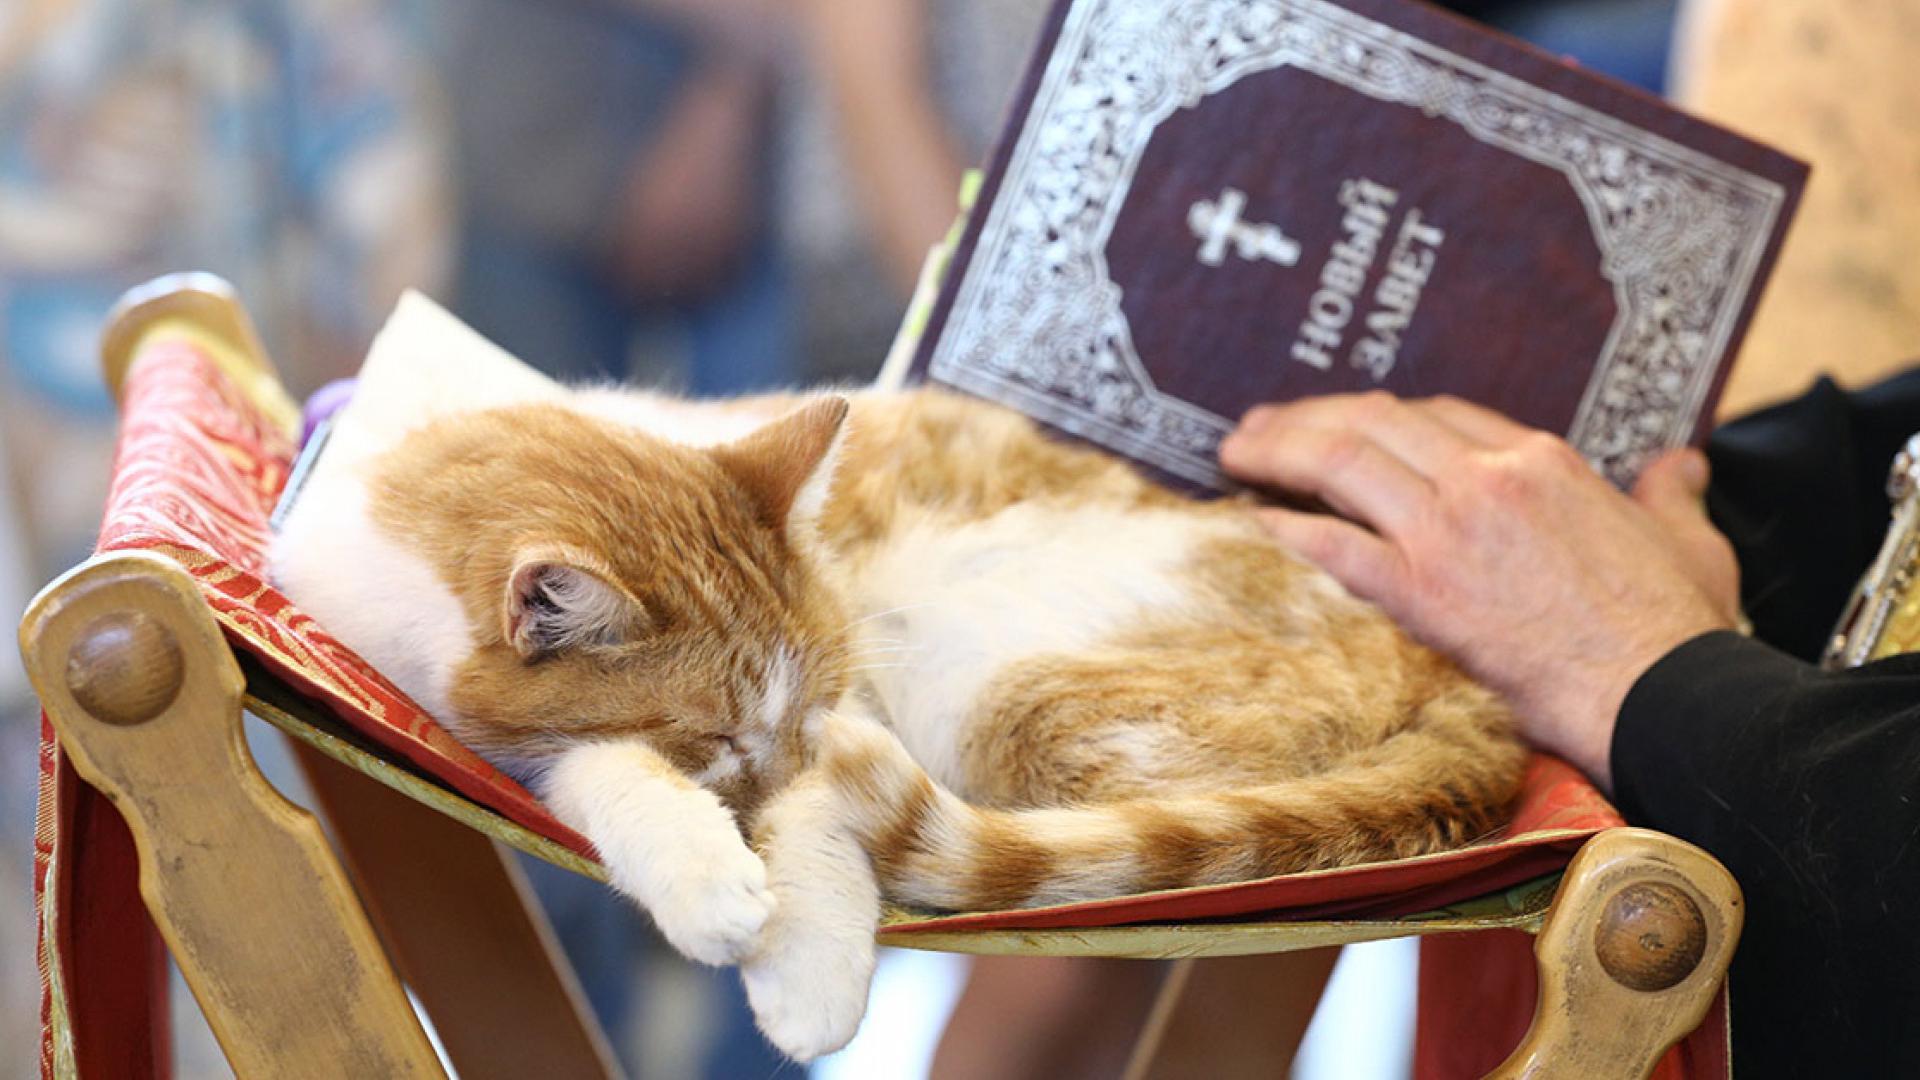 Религиозные люди оказались менее склонны заводить домашних животных — особенно кошек